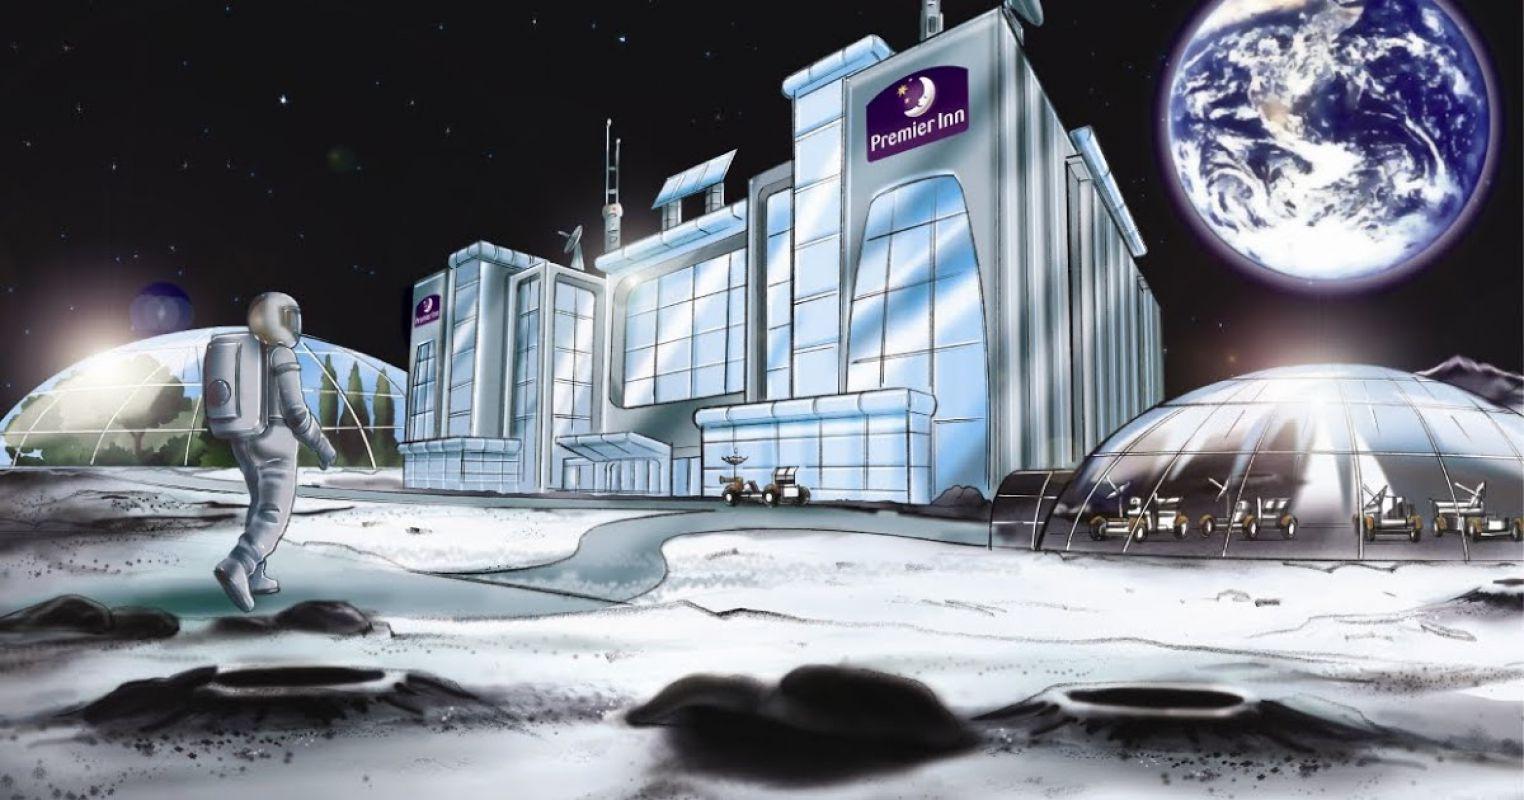 Музей на Луне и как ещё человечество запланировало занять спутник